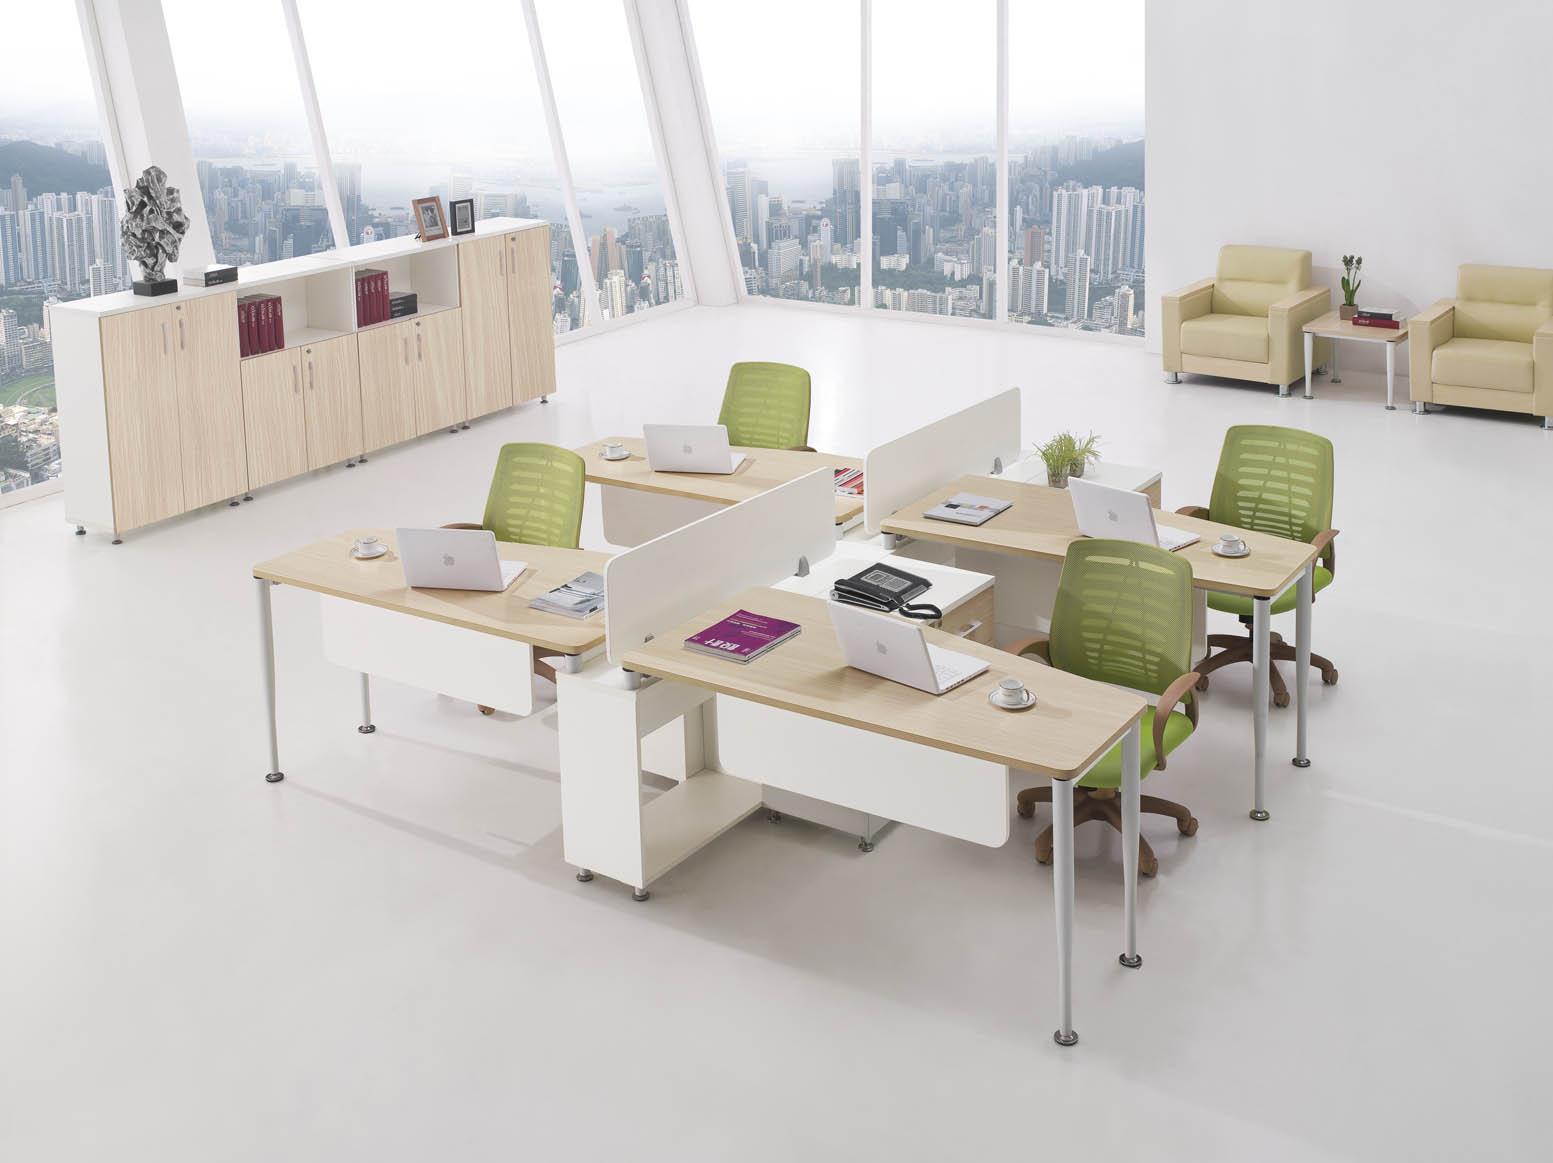 Office Furniture Workstation Director Desk In Penang